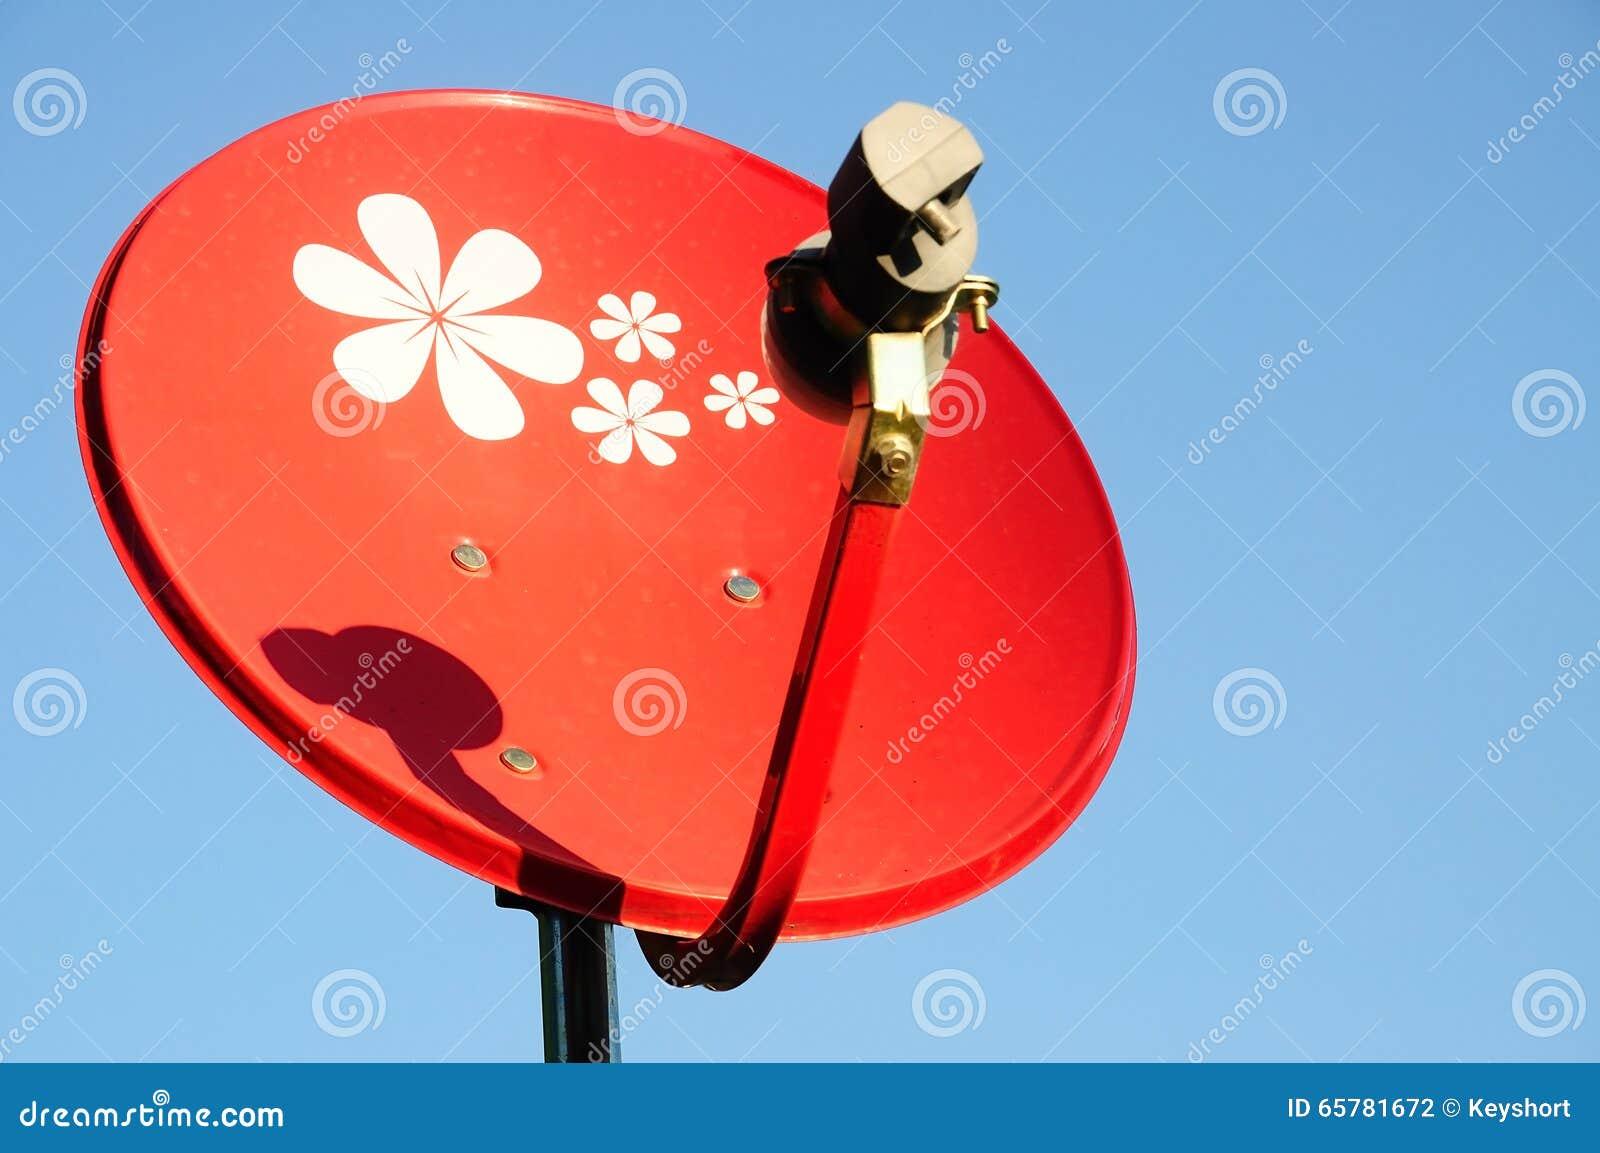 Antena parabólica vermelha pequena com céu azul